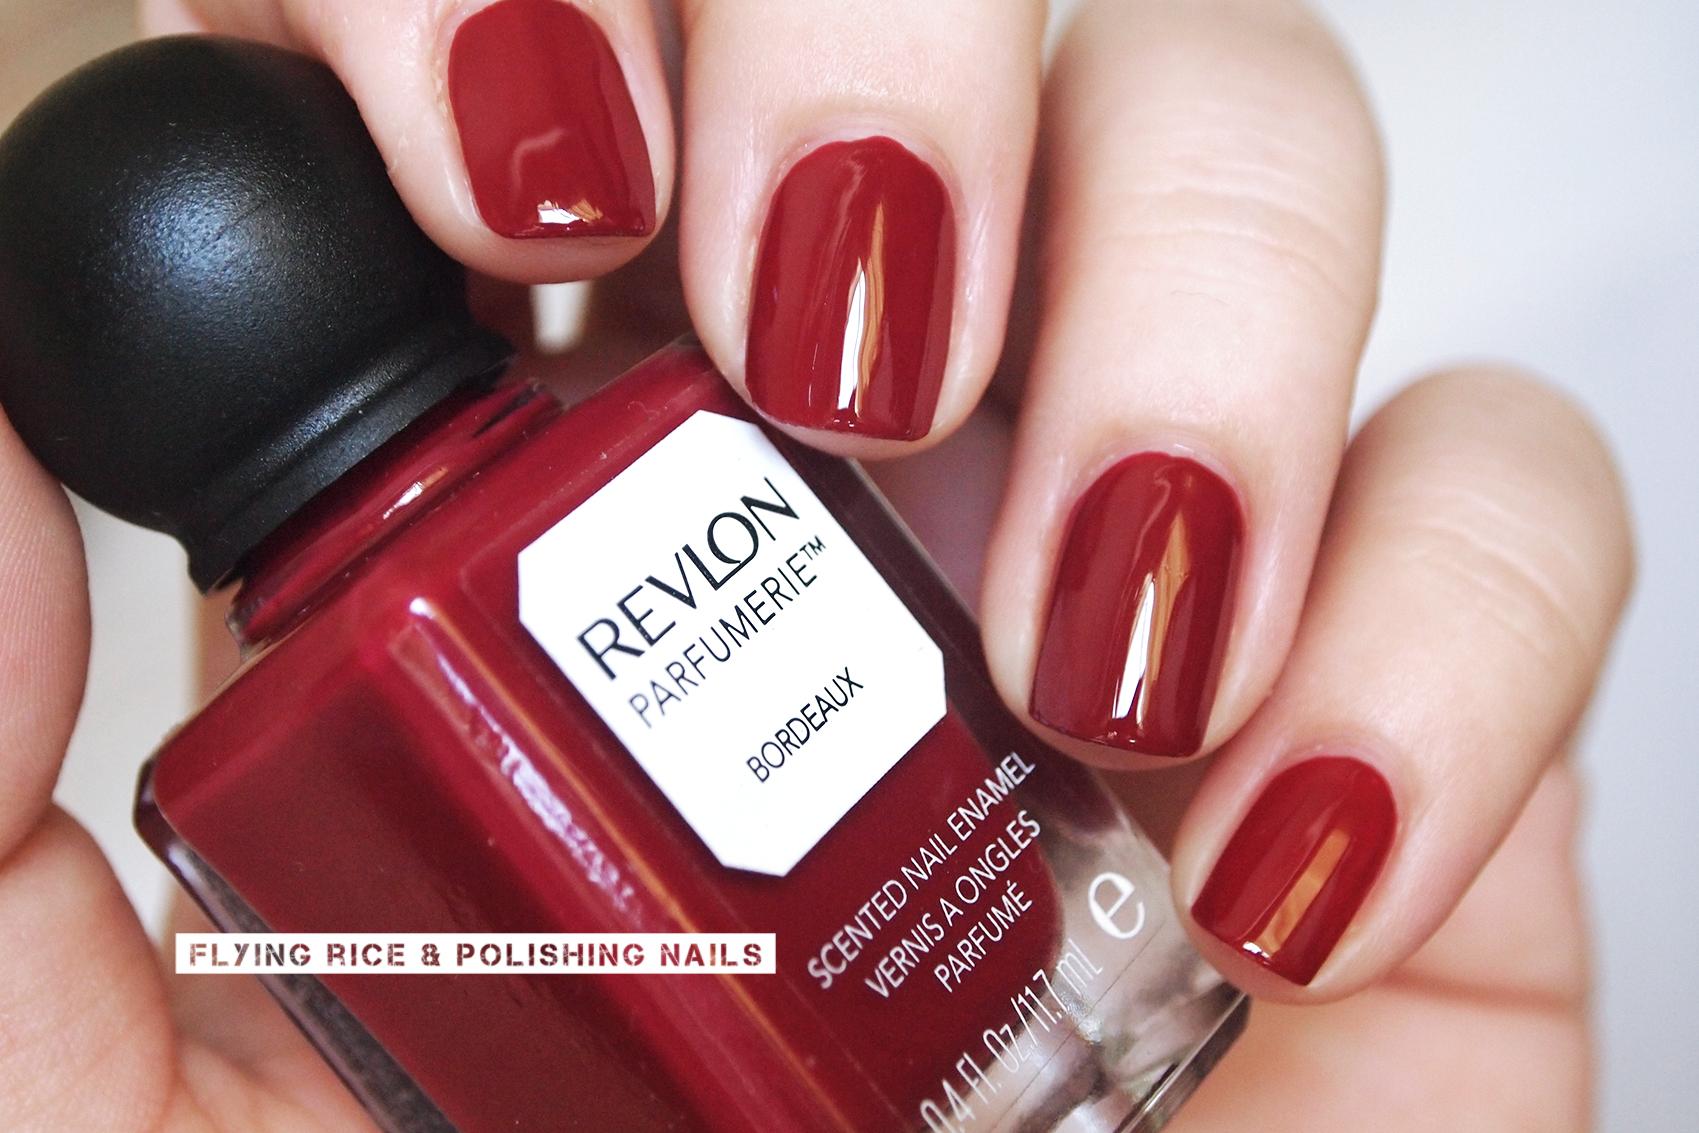 revlon parfumerie sniff test: vino fingers | flying rice & polishing ...